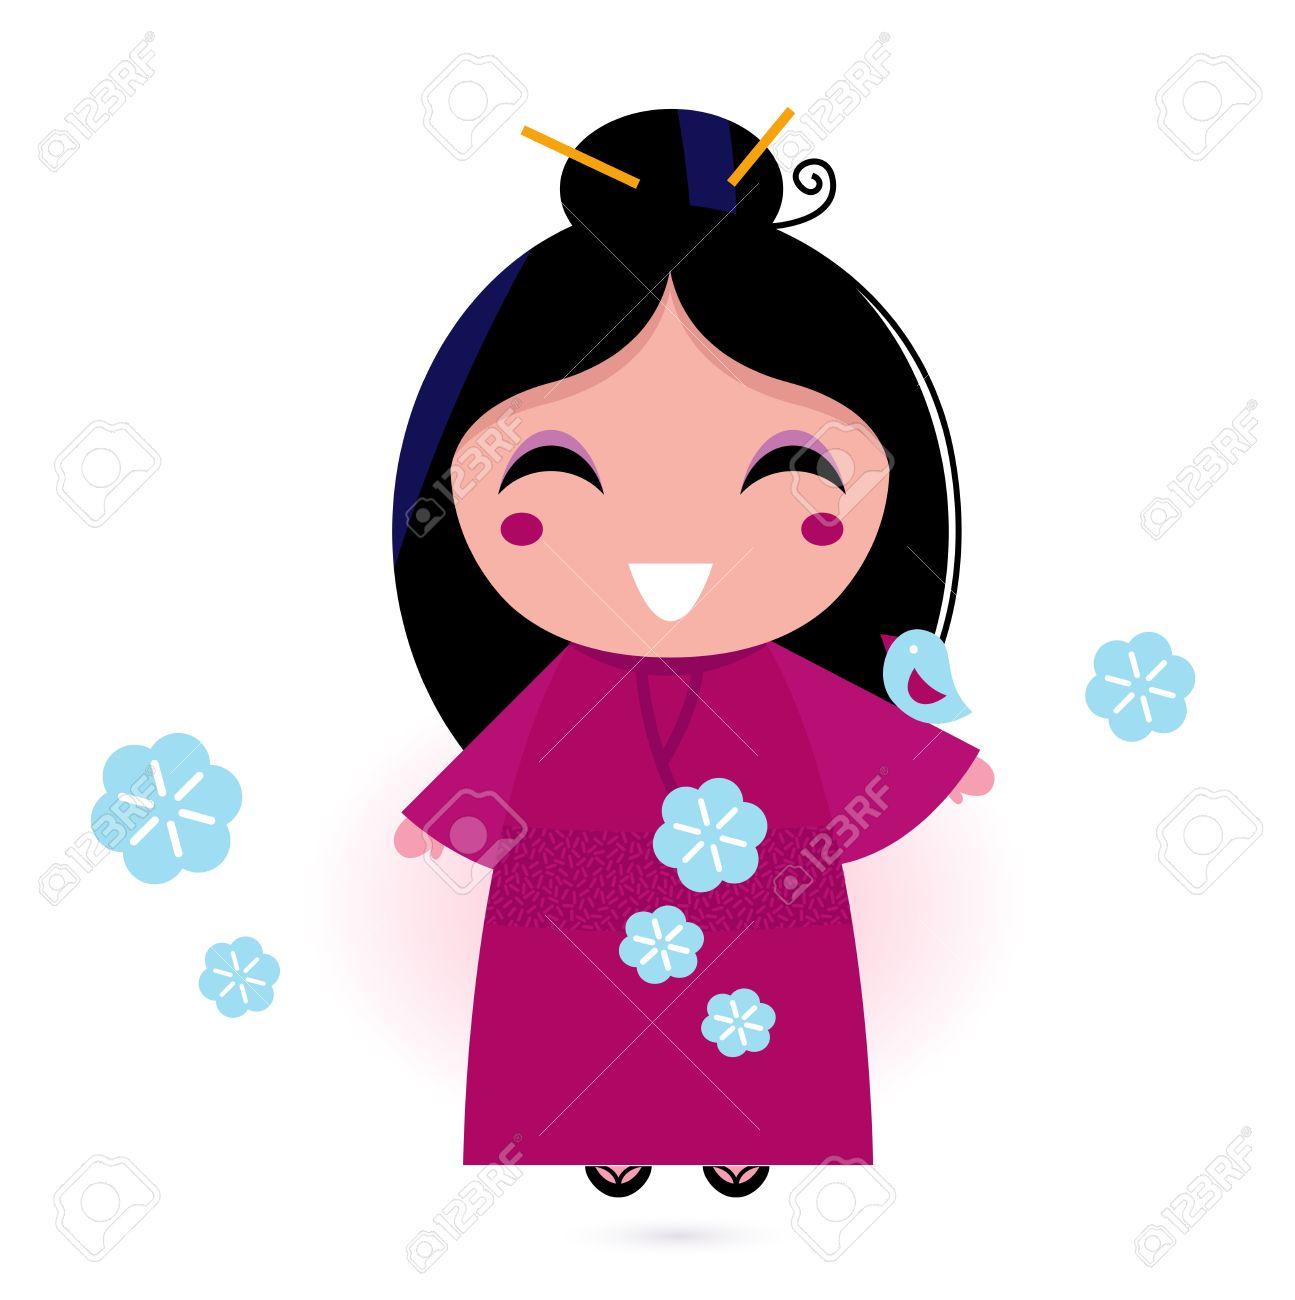 様式化されたかわいい日本人女性。ベクトル イラスト ロイヤリティ